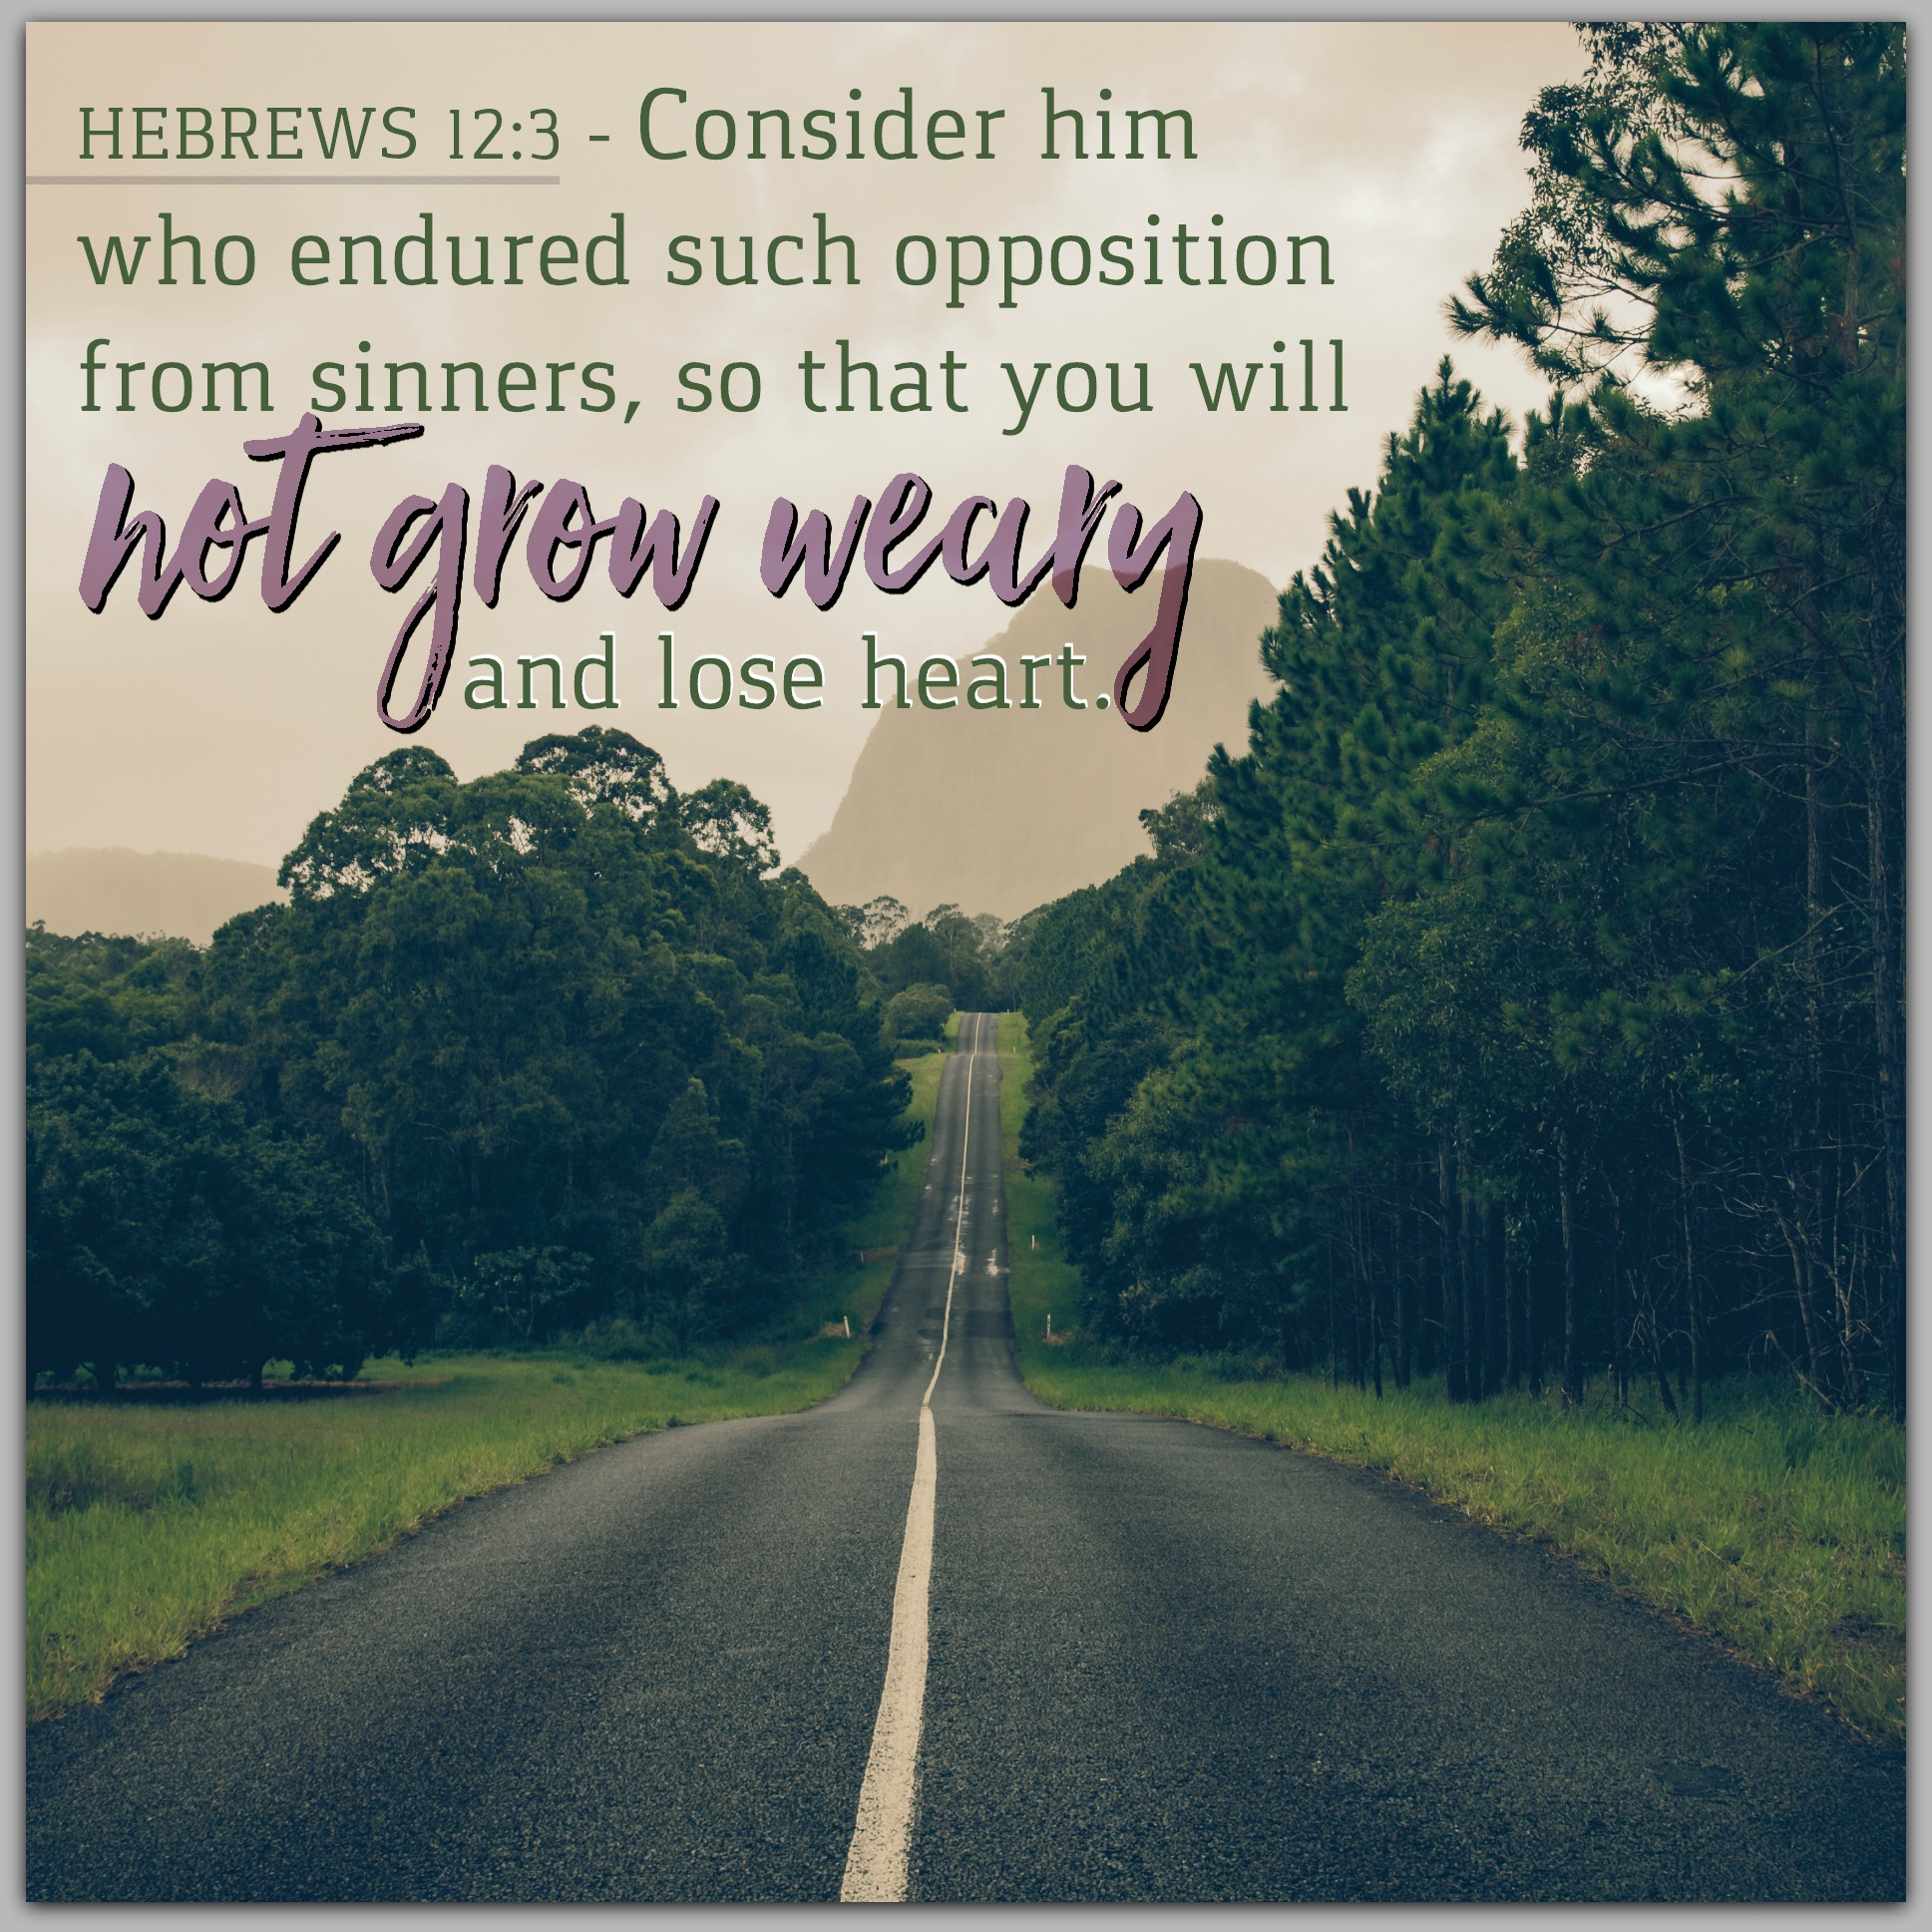 Hebrews 12:3 | KCIS 630